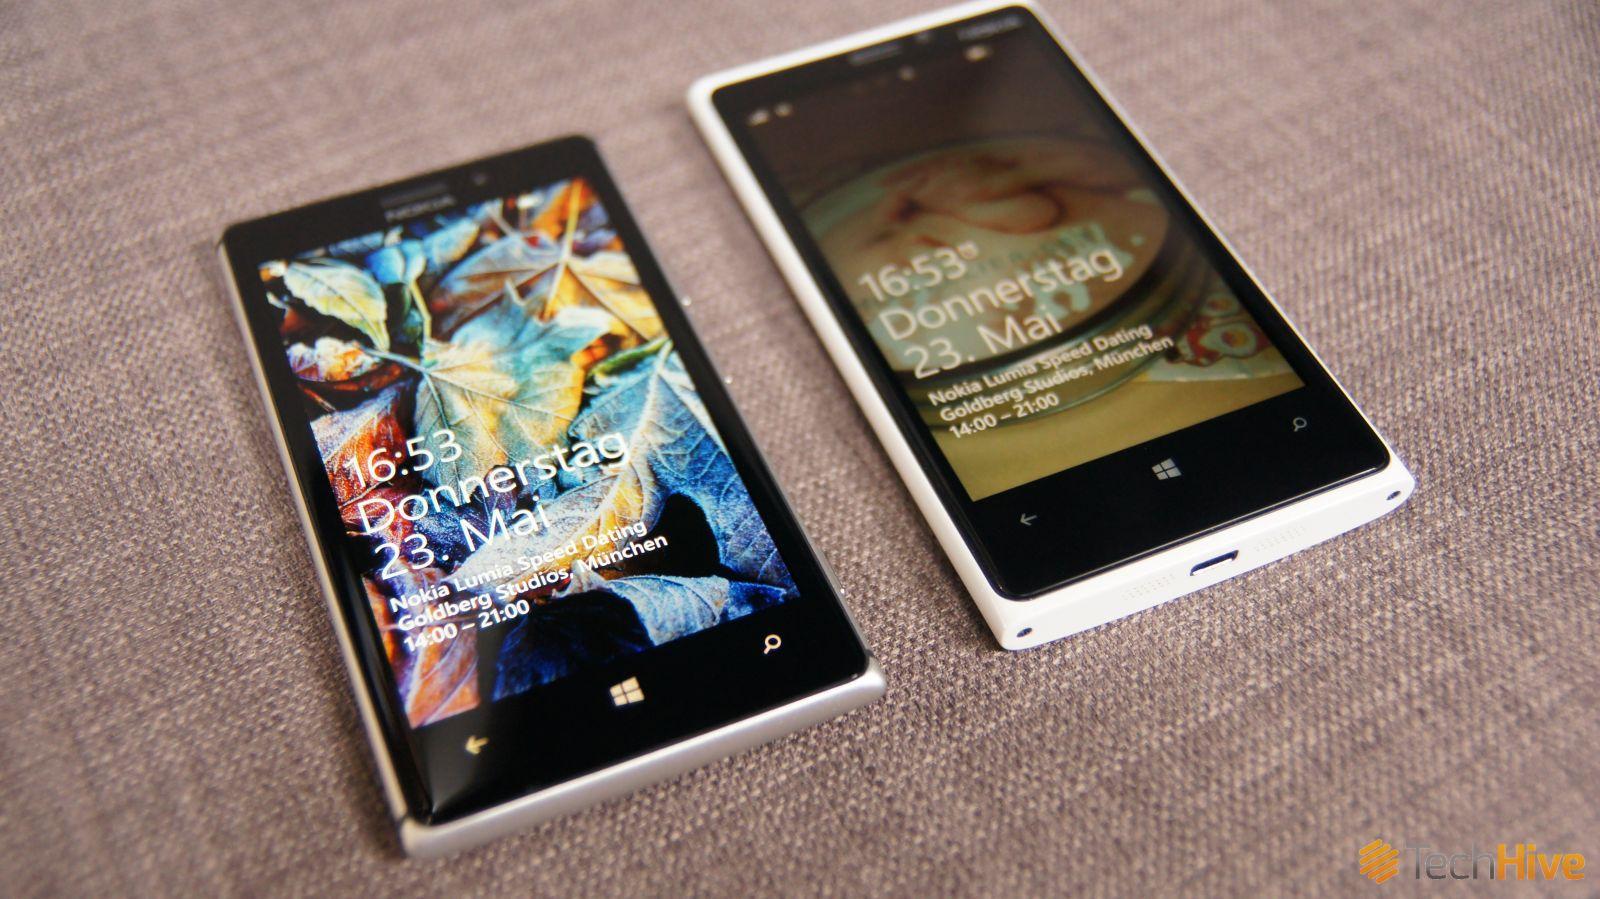 Nokia lumia 925 jpg - Nokia Lumia 925 Photos